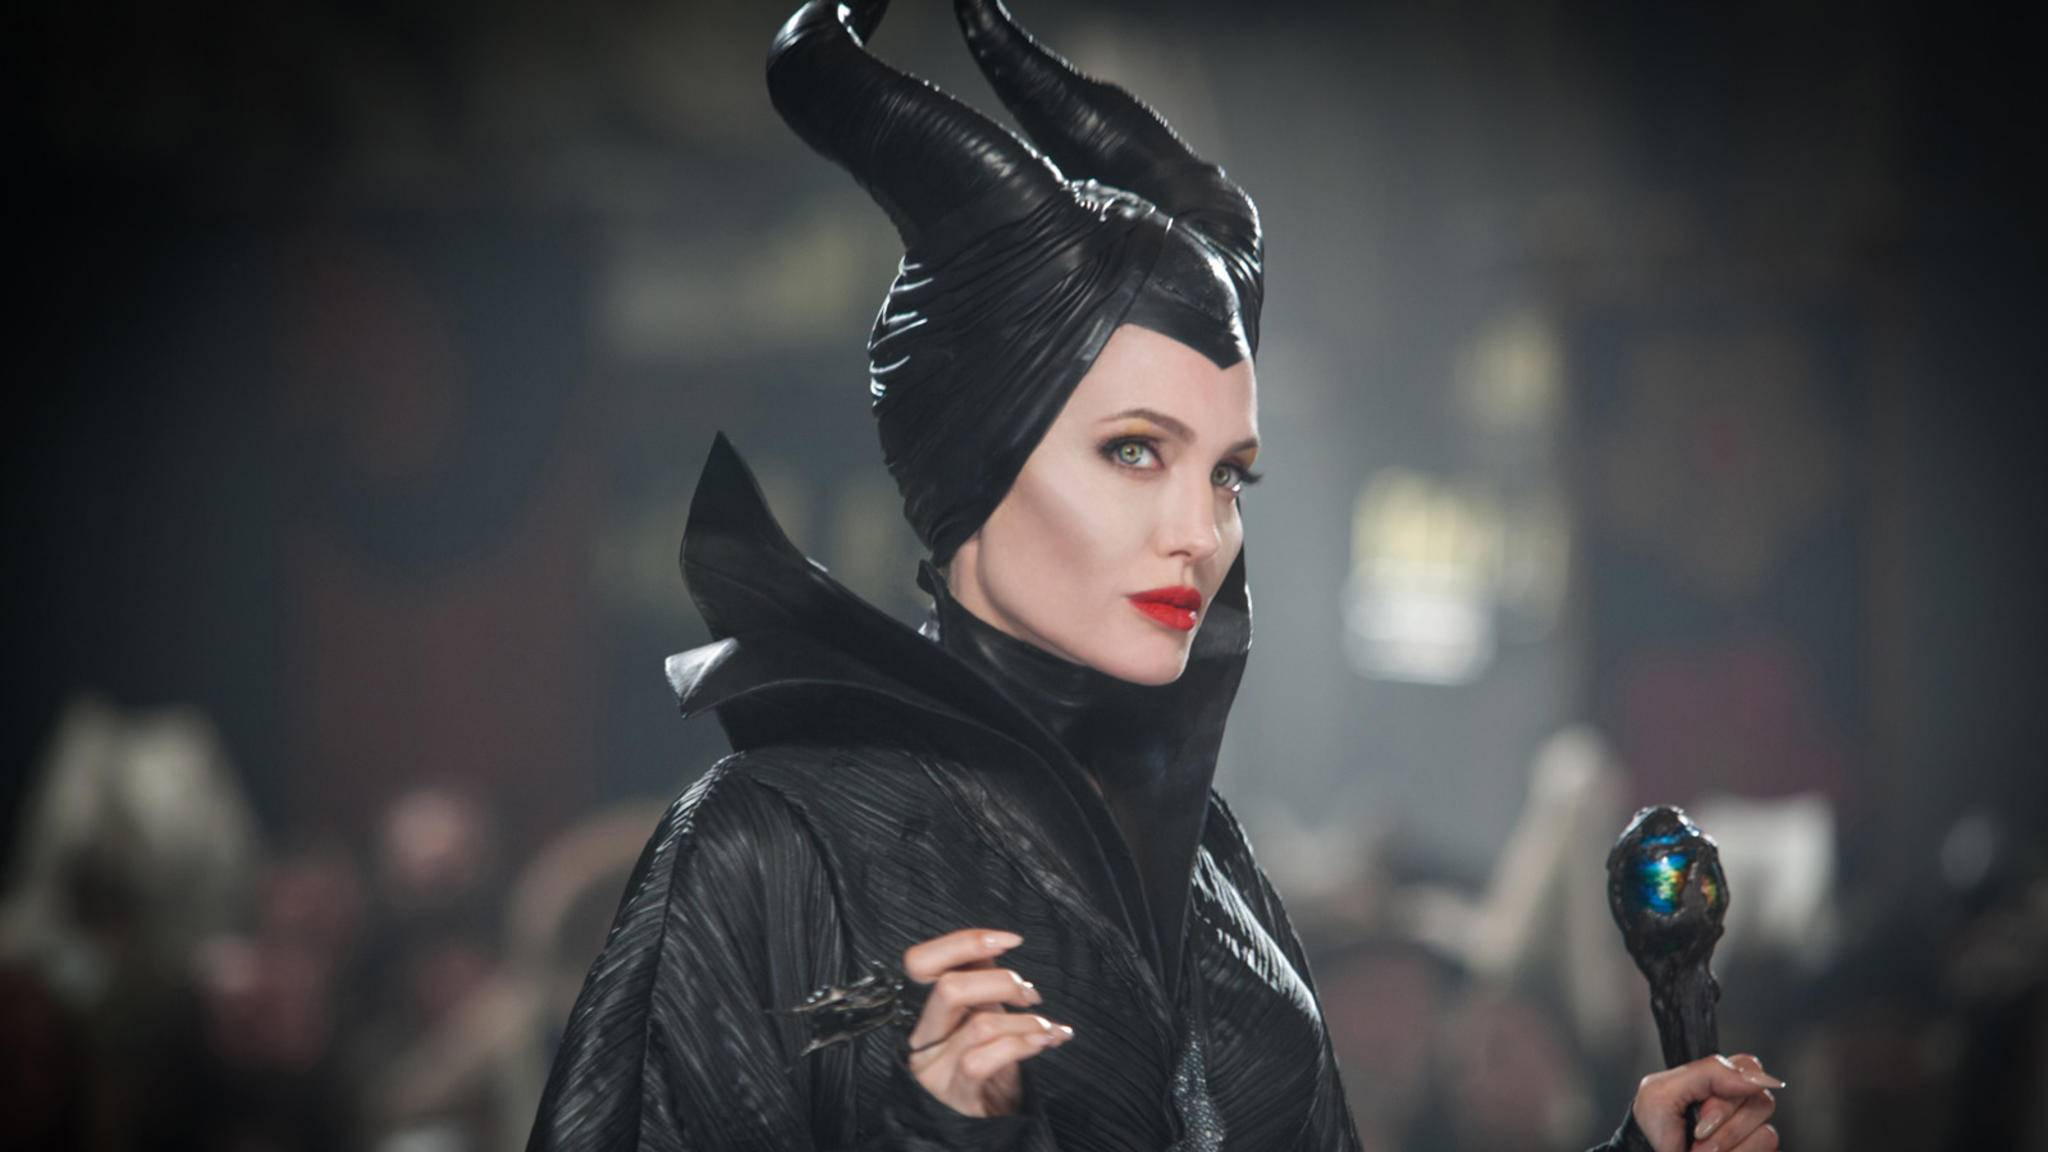 Extrovertierte Charaktere? Damit hat Angelina Jolie bereits Erfahrung.